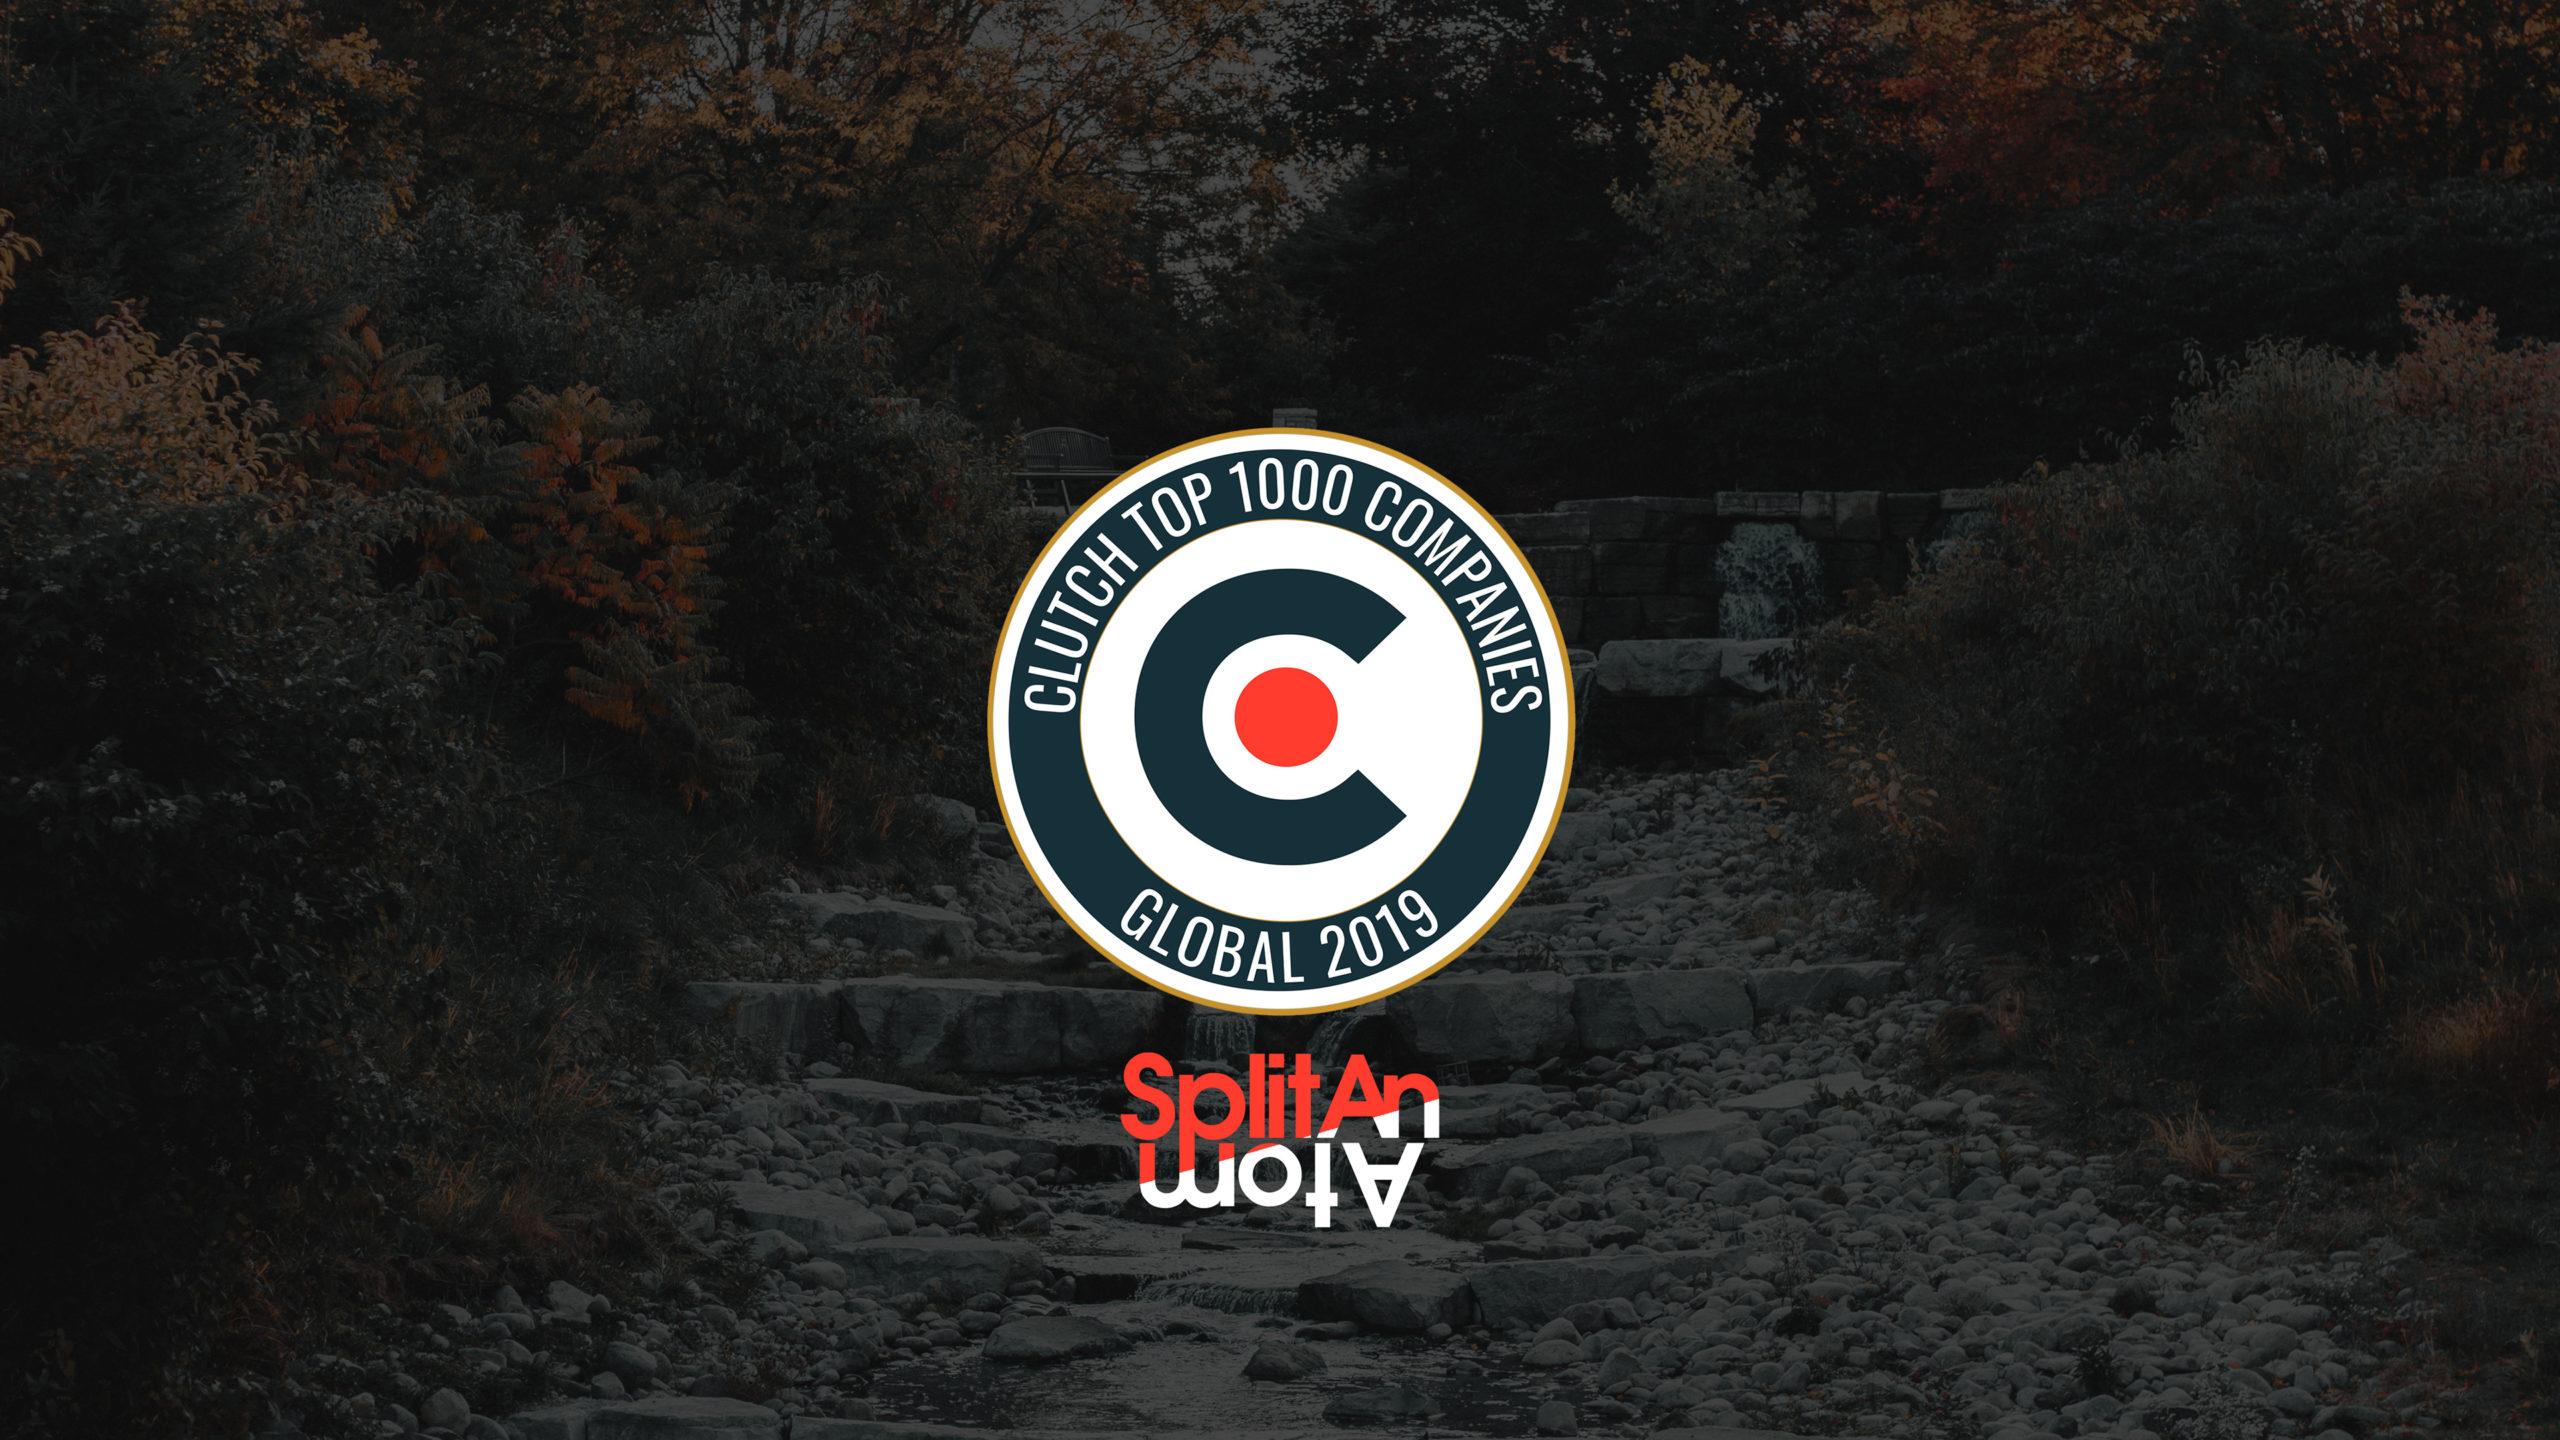 Clutch 1,000 Global 2019 Award